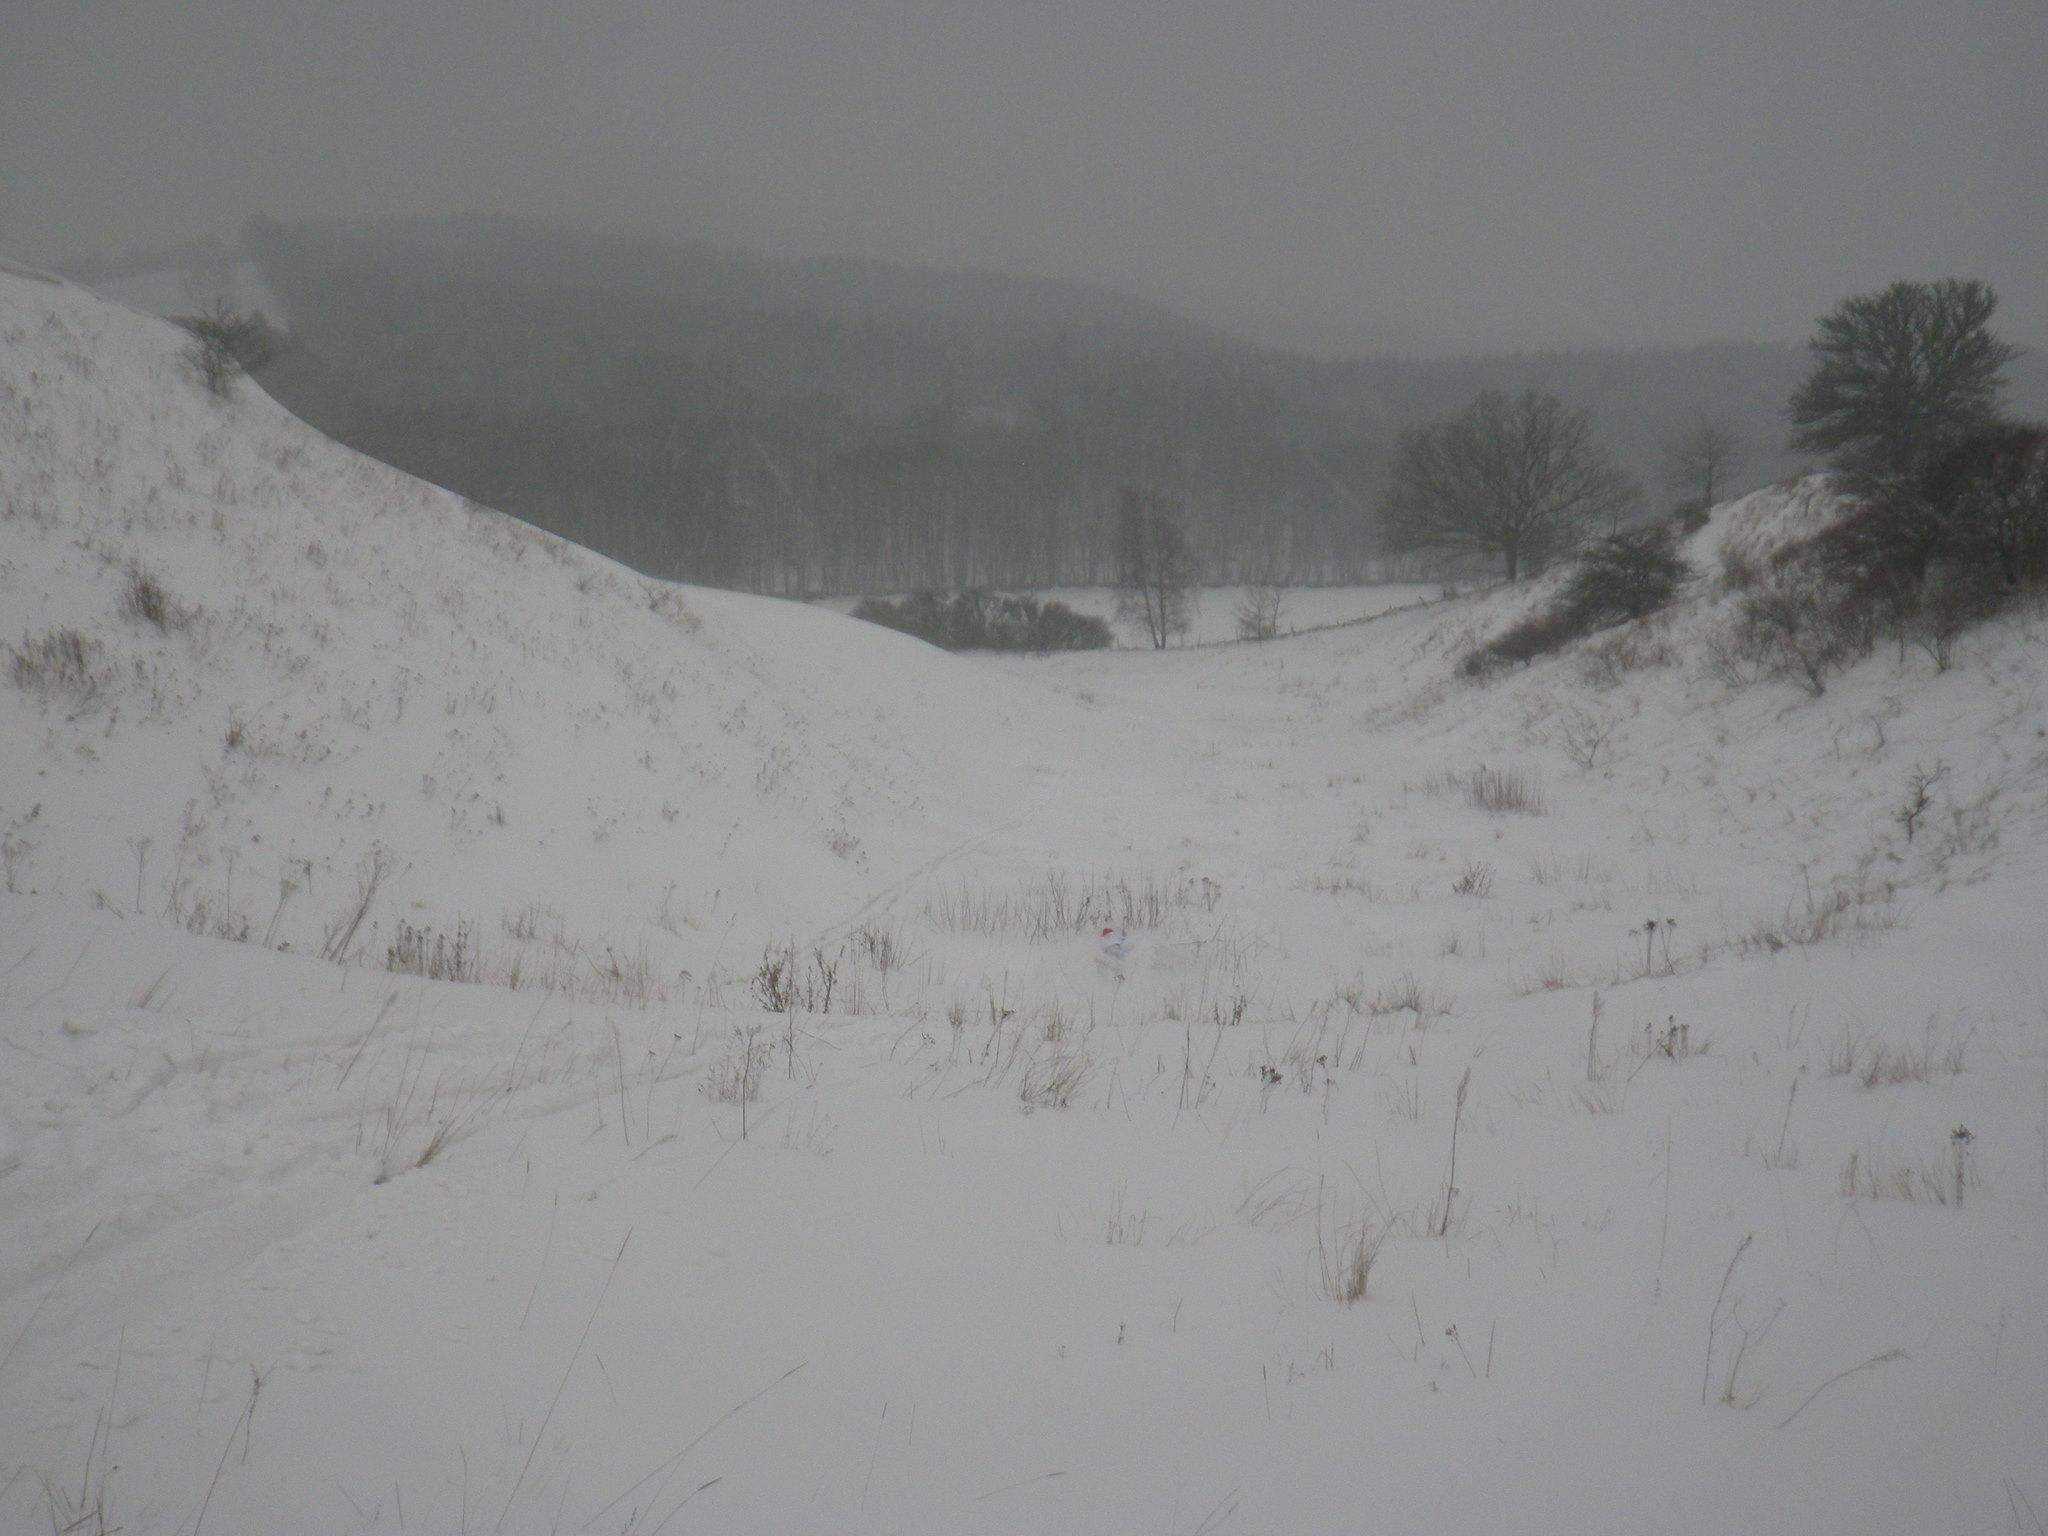 Trillade visst, man kan se min röda mössa om man zoomar in bilden i mitten, det var som sagt lite snö. Foto: Oskar Henriksson